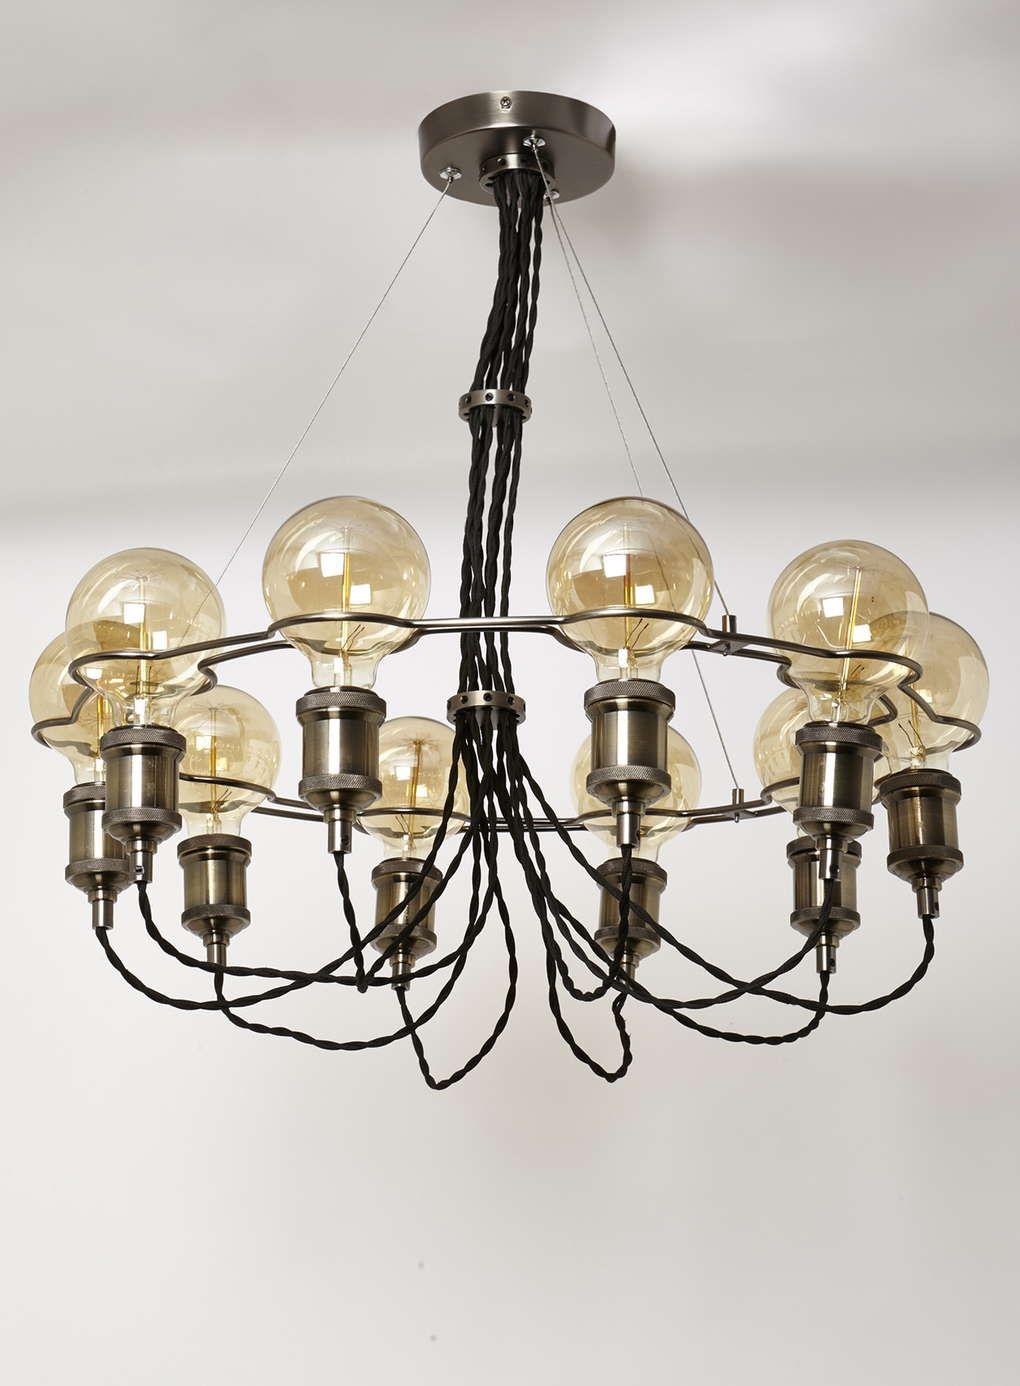 Copper Soho Chandelier - View All Lighting & Bulbs - Home, Lighting ...